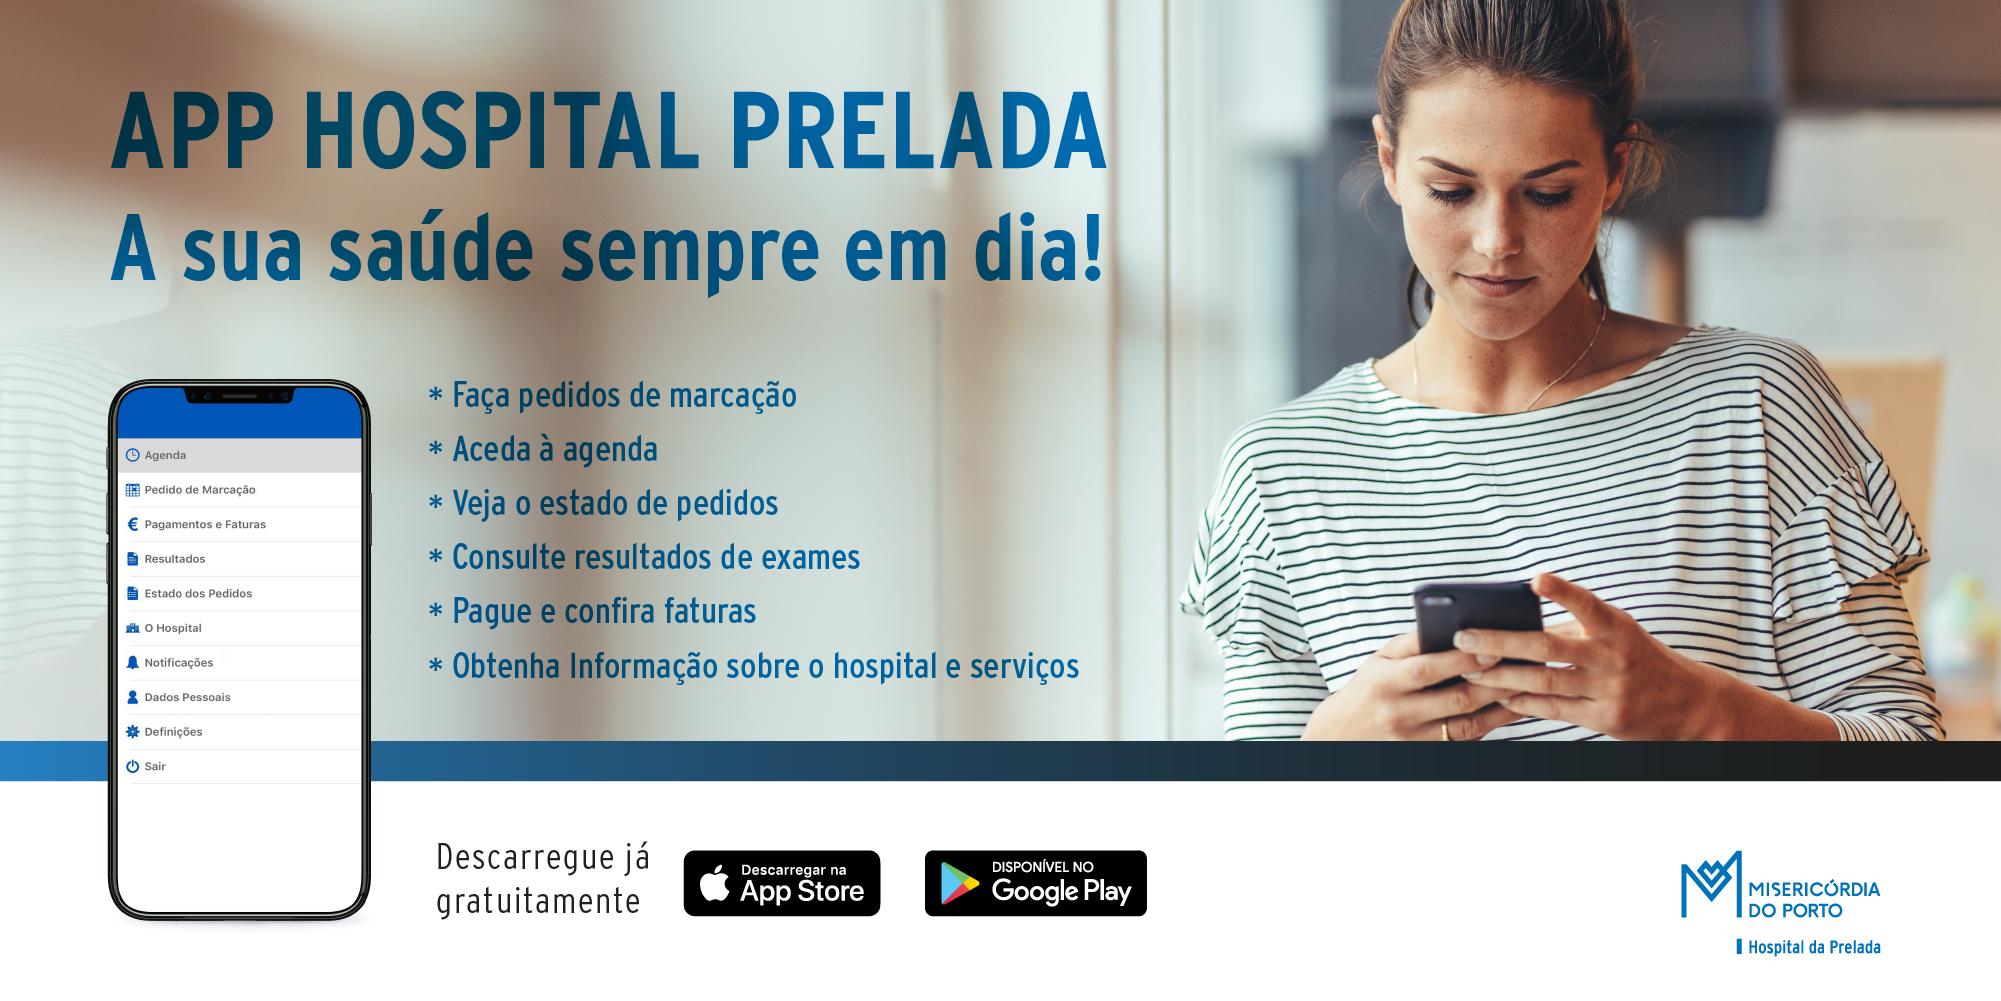 https://portaldasaude.scmp.pt/assets/misc/img/hospitais/HP/APP%20Doente/HP%20campanha%20app_Banner%20site%20PSAUDE.png